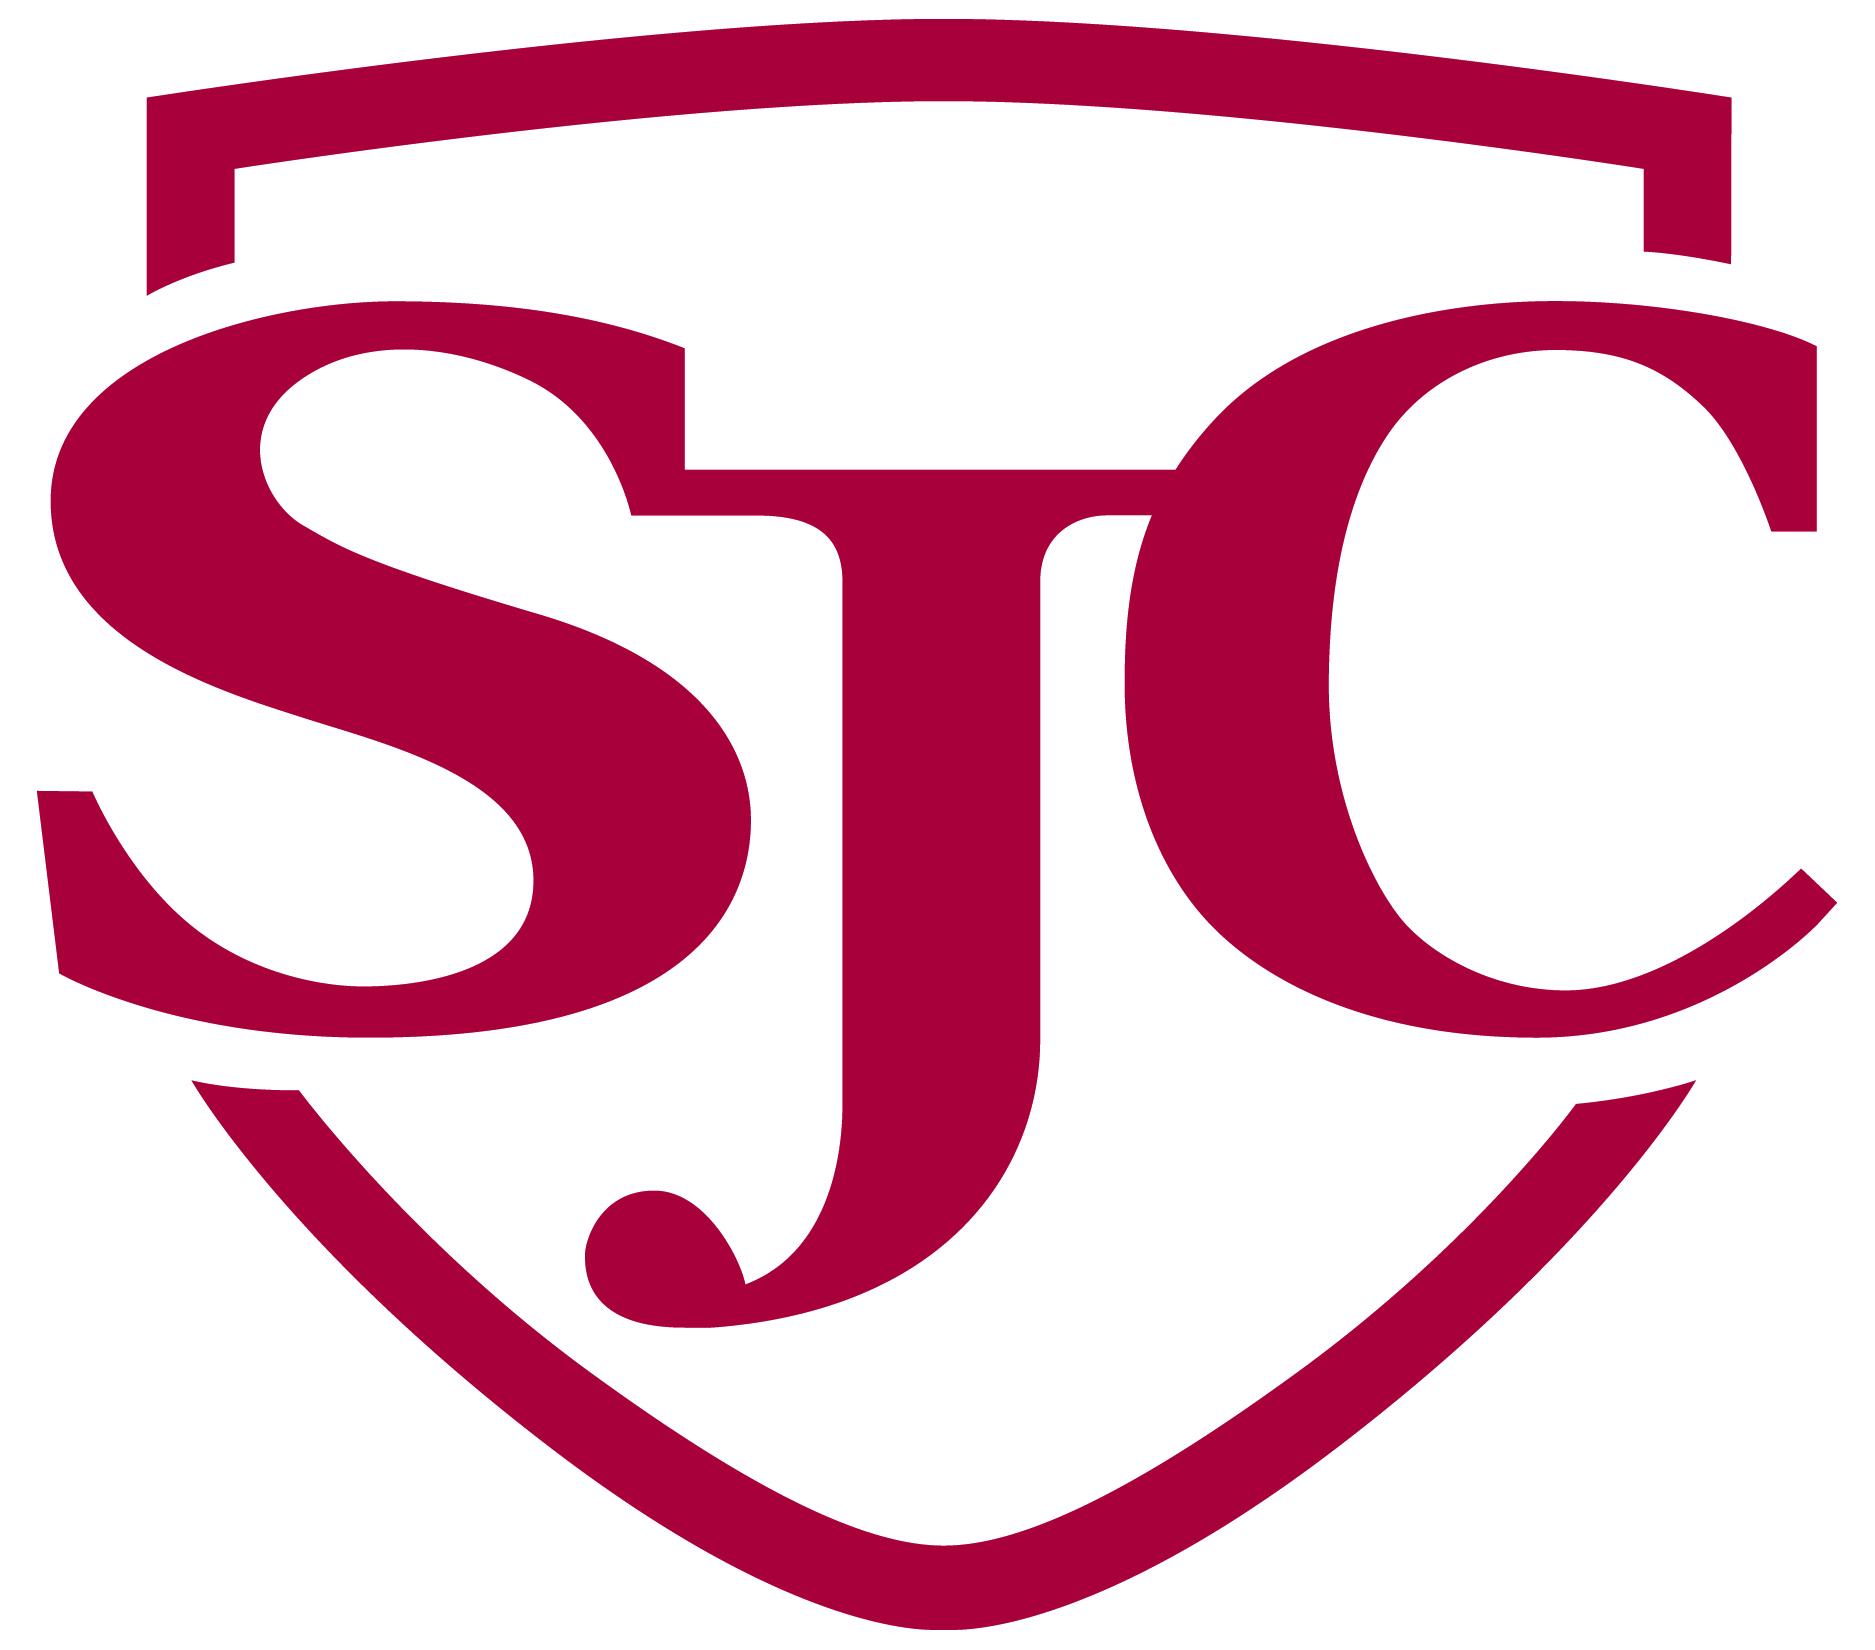 L_SJC_emblem_201p.jpg